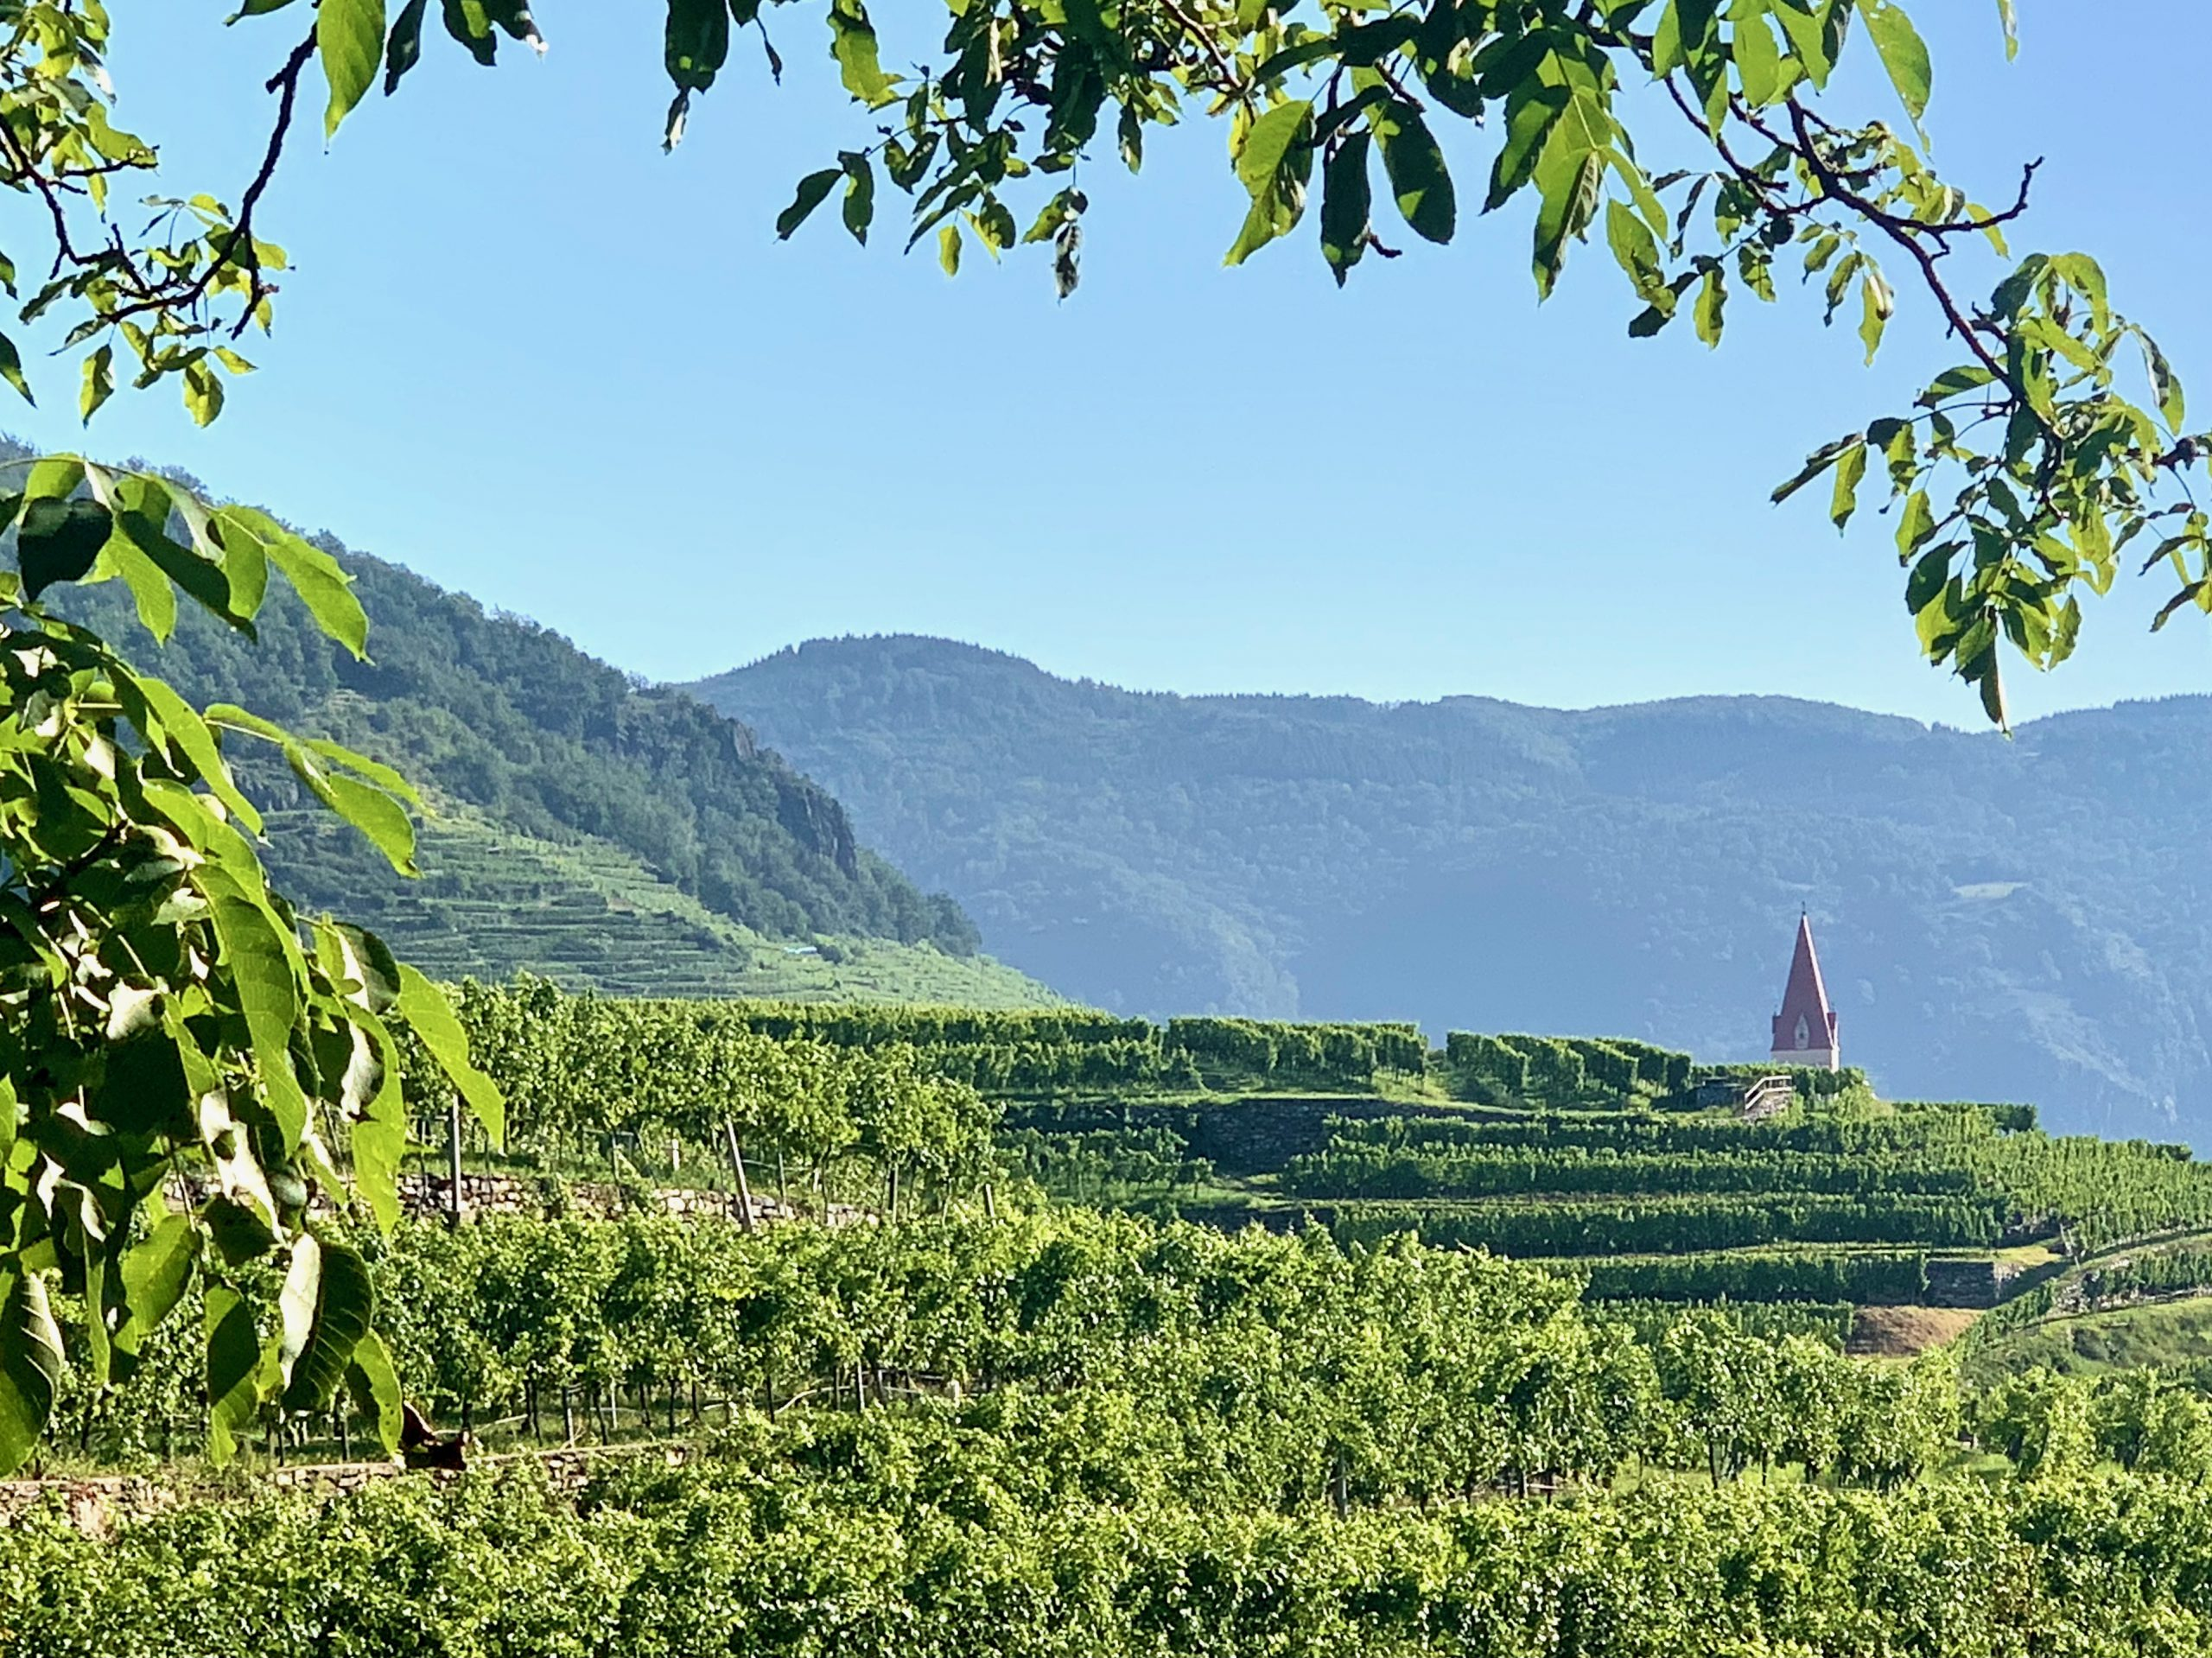 steinriegl vineyards